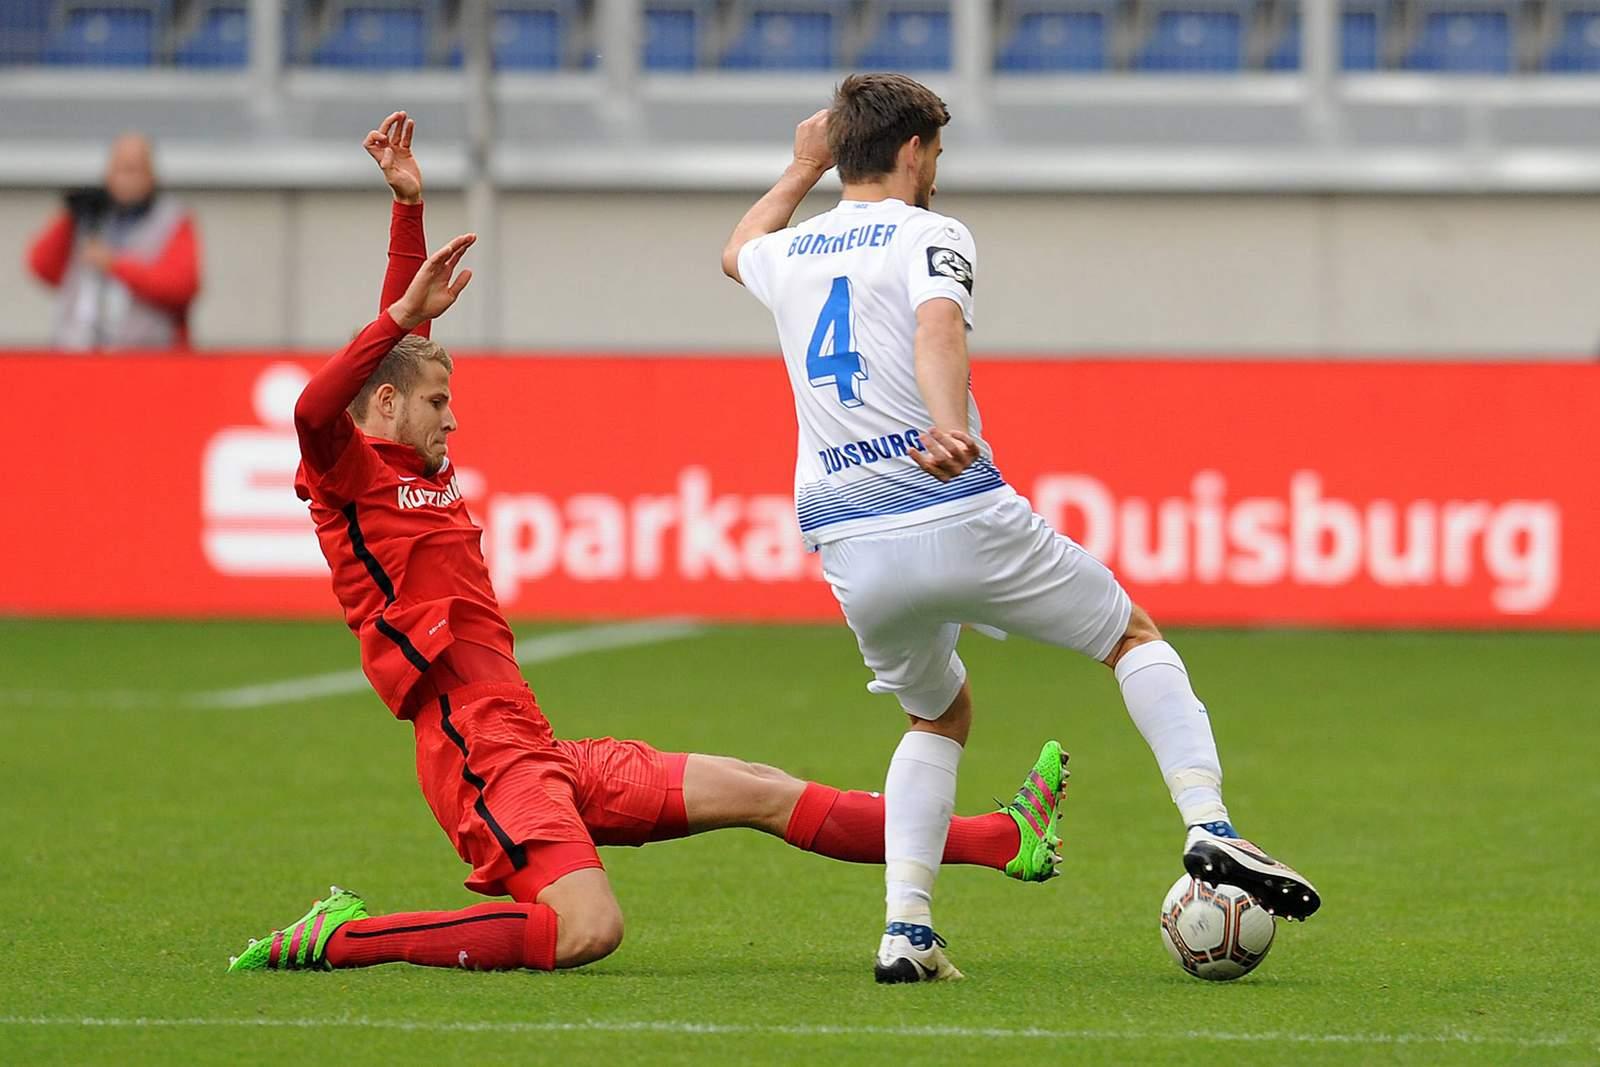 Tommy Grupe grätscht gegen Dustin Bomheuer. Jetzt auf Hansa Rostock gegen MSV Duisburg wetten!